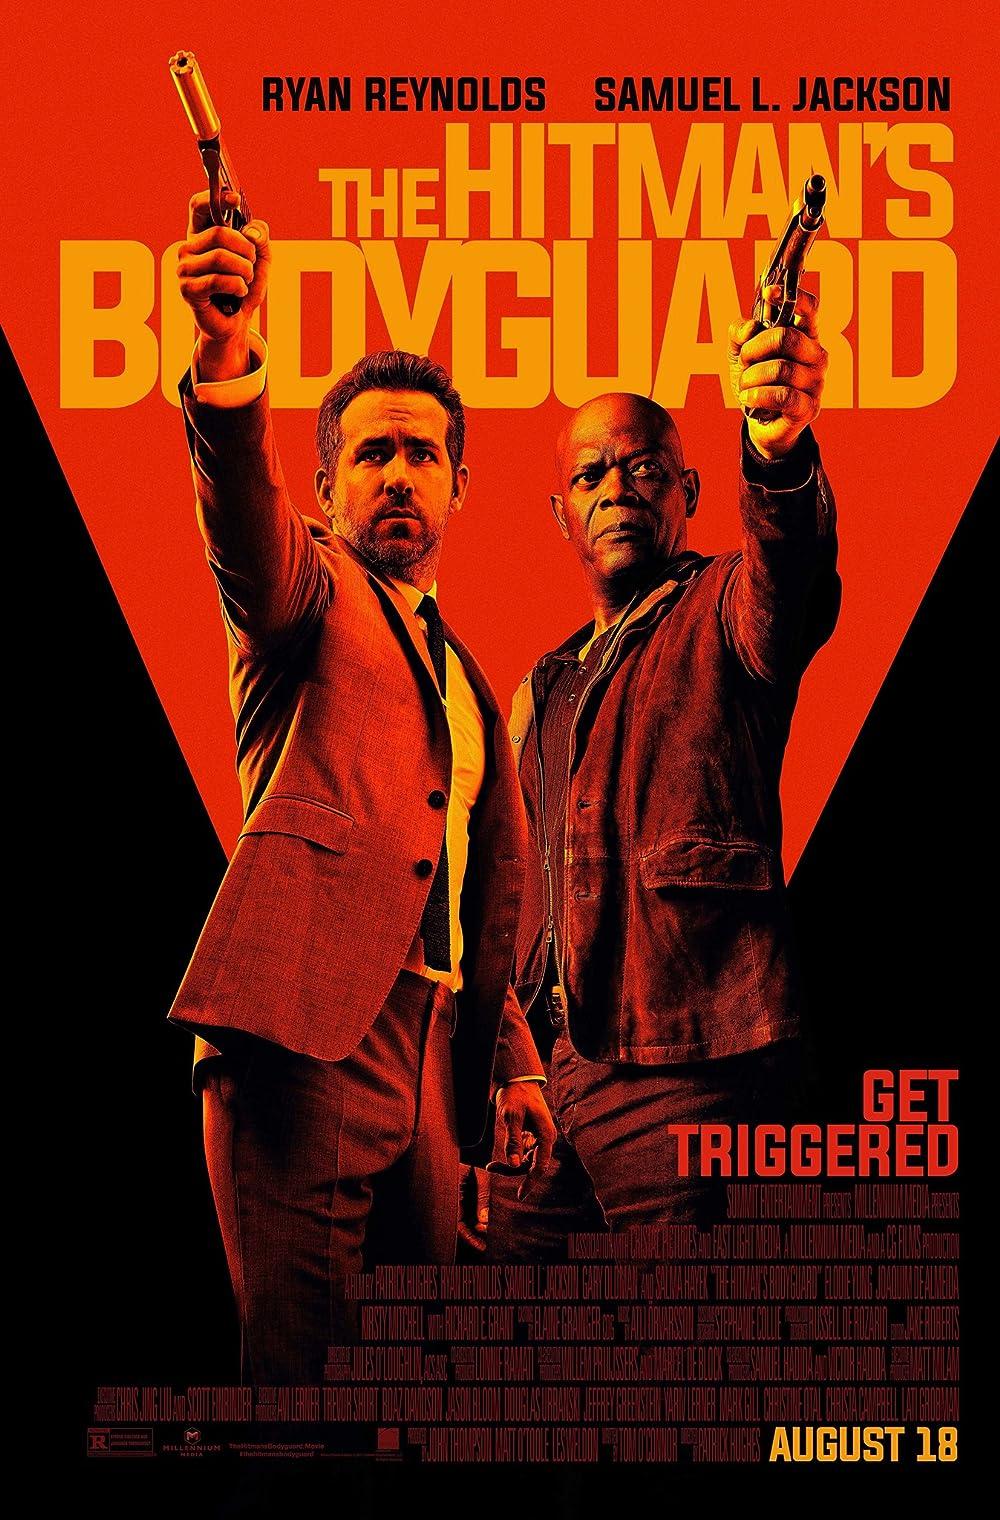 Poster film The Hitman's Bodyguard.